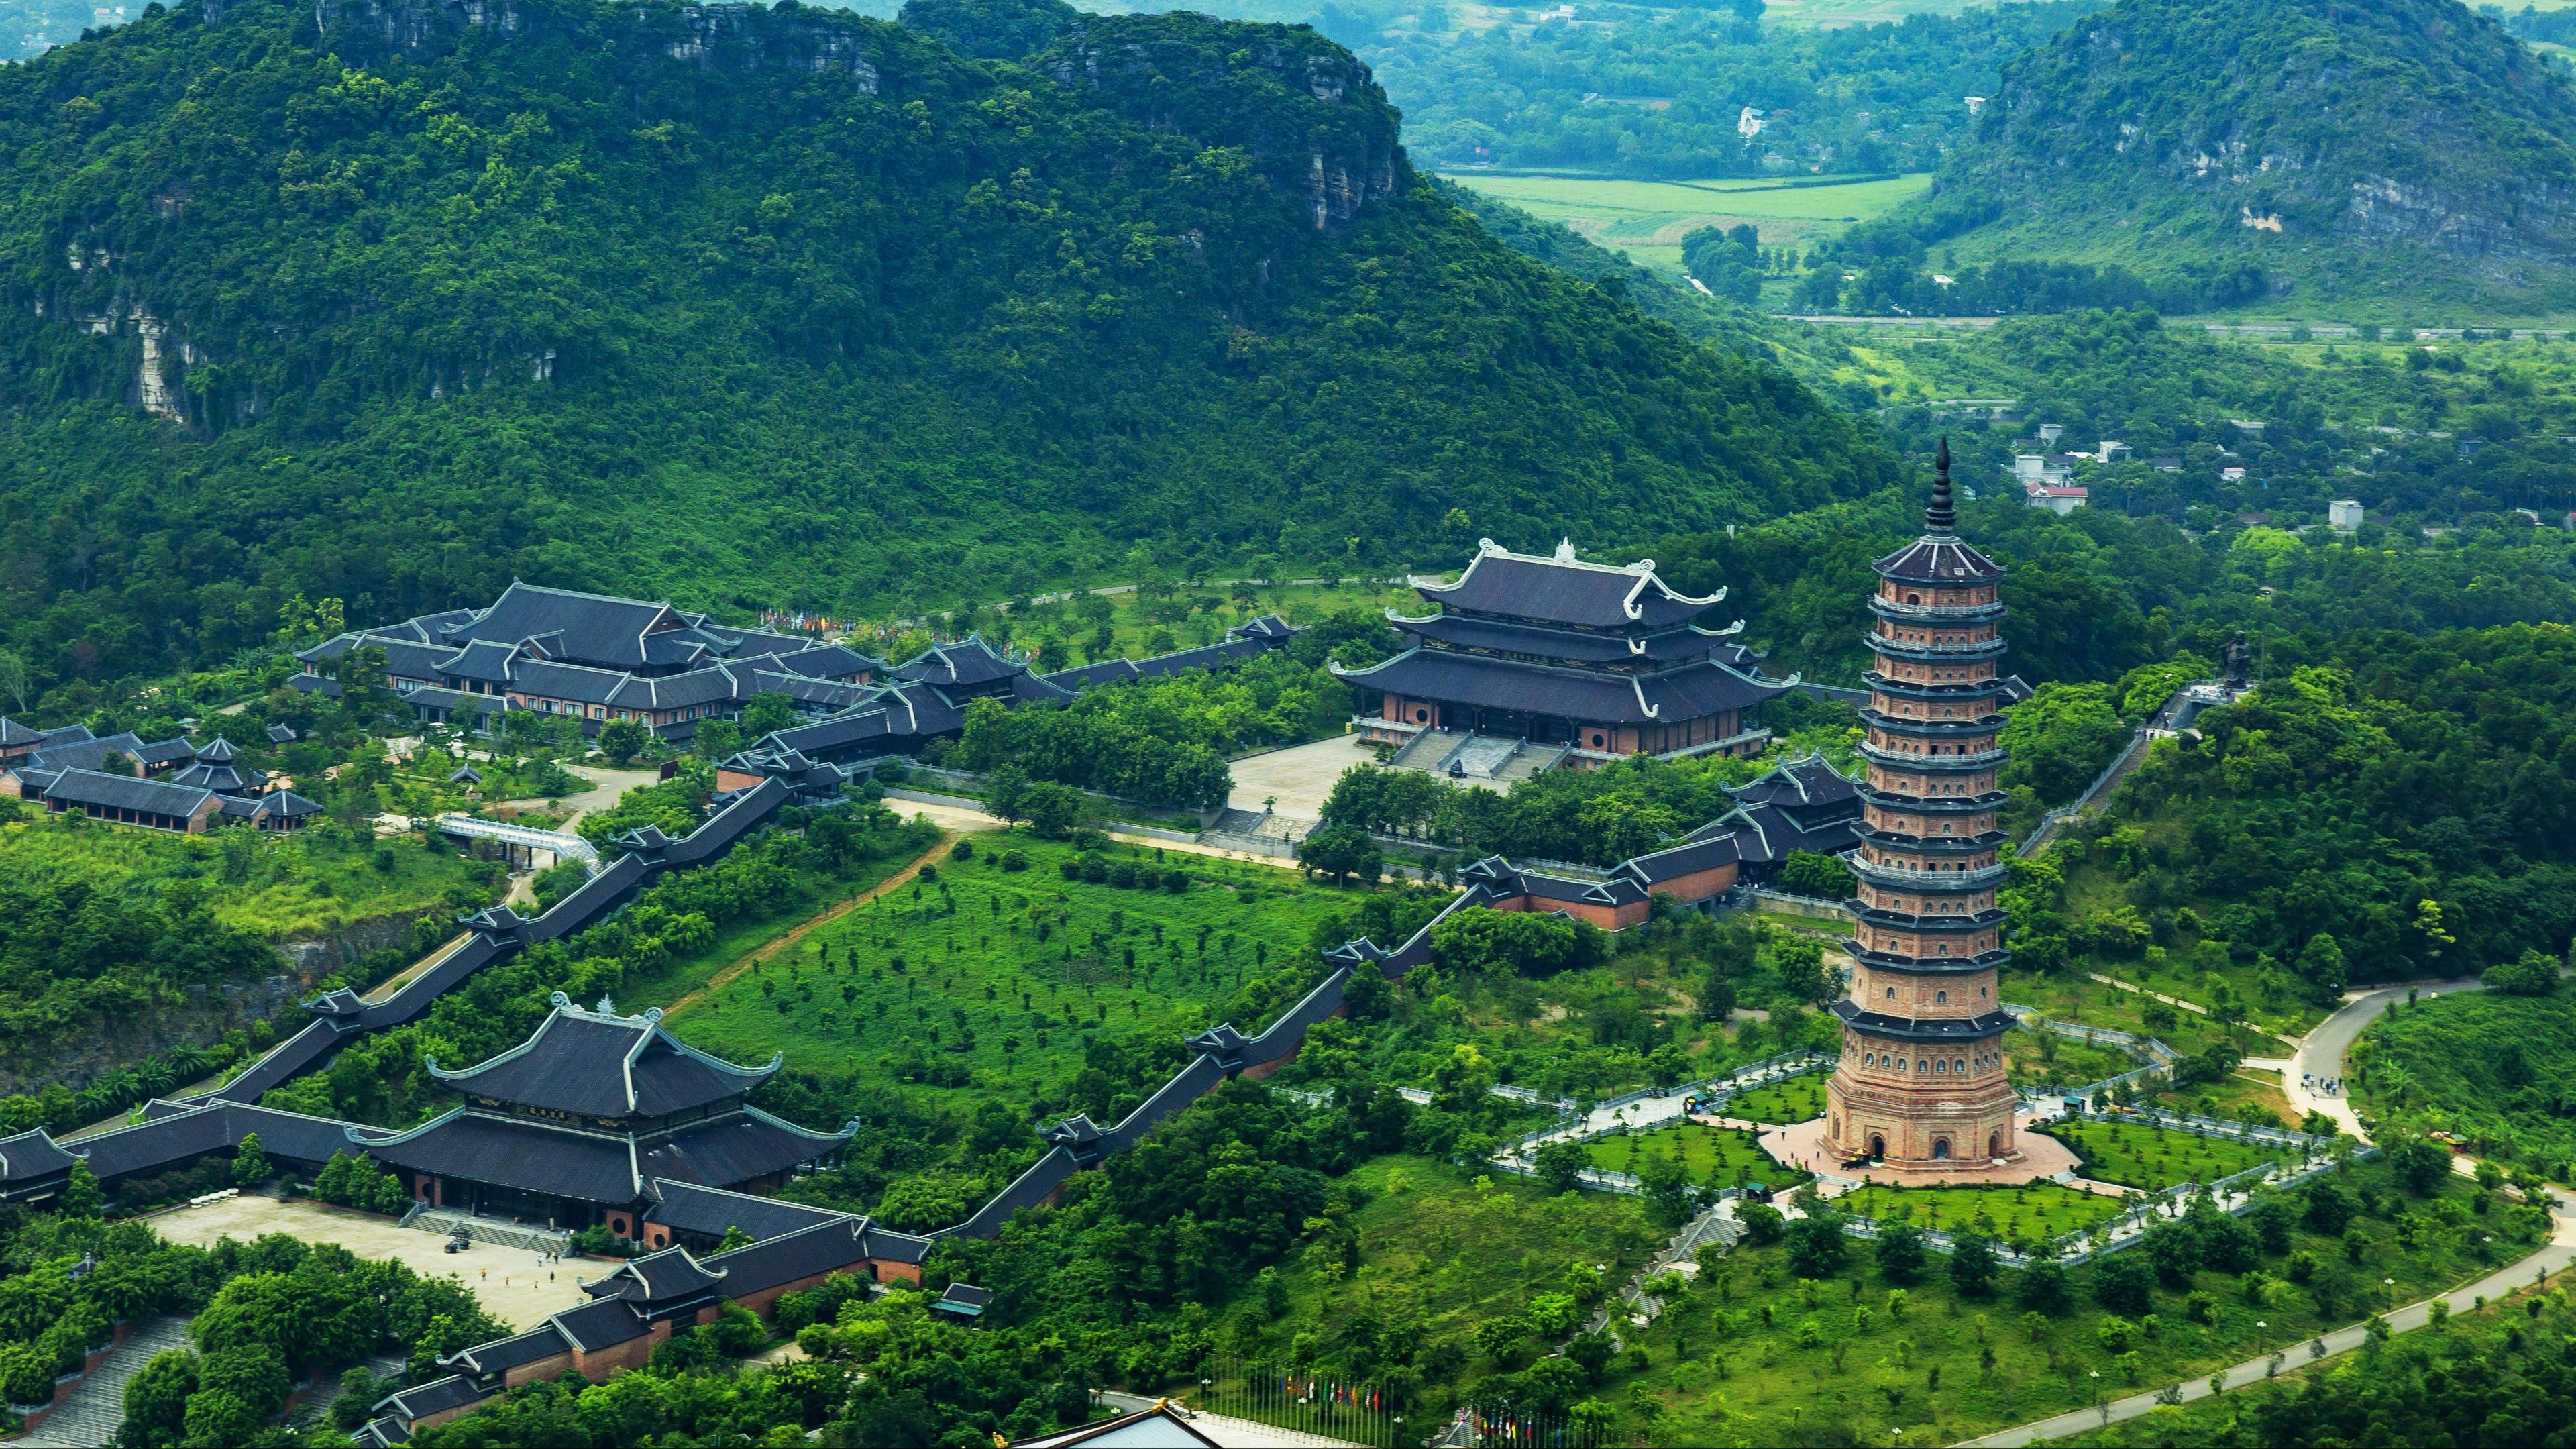 trang an bai dinh landscape top view 4k 1538066582 - trang an, bai dinh, landscape, top view 4k - trang an, Landscape, bai dinh